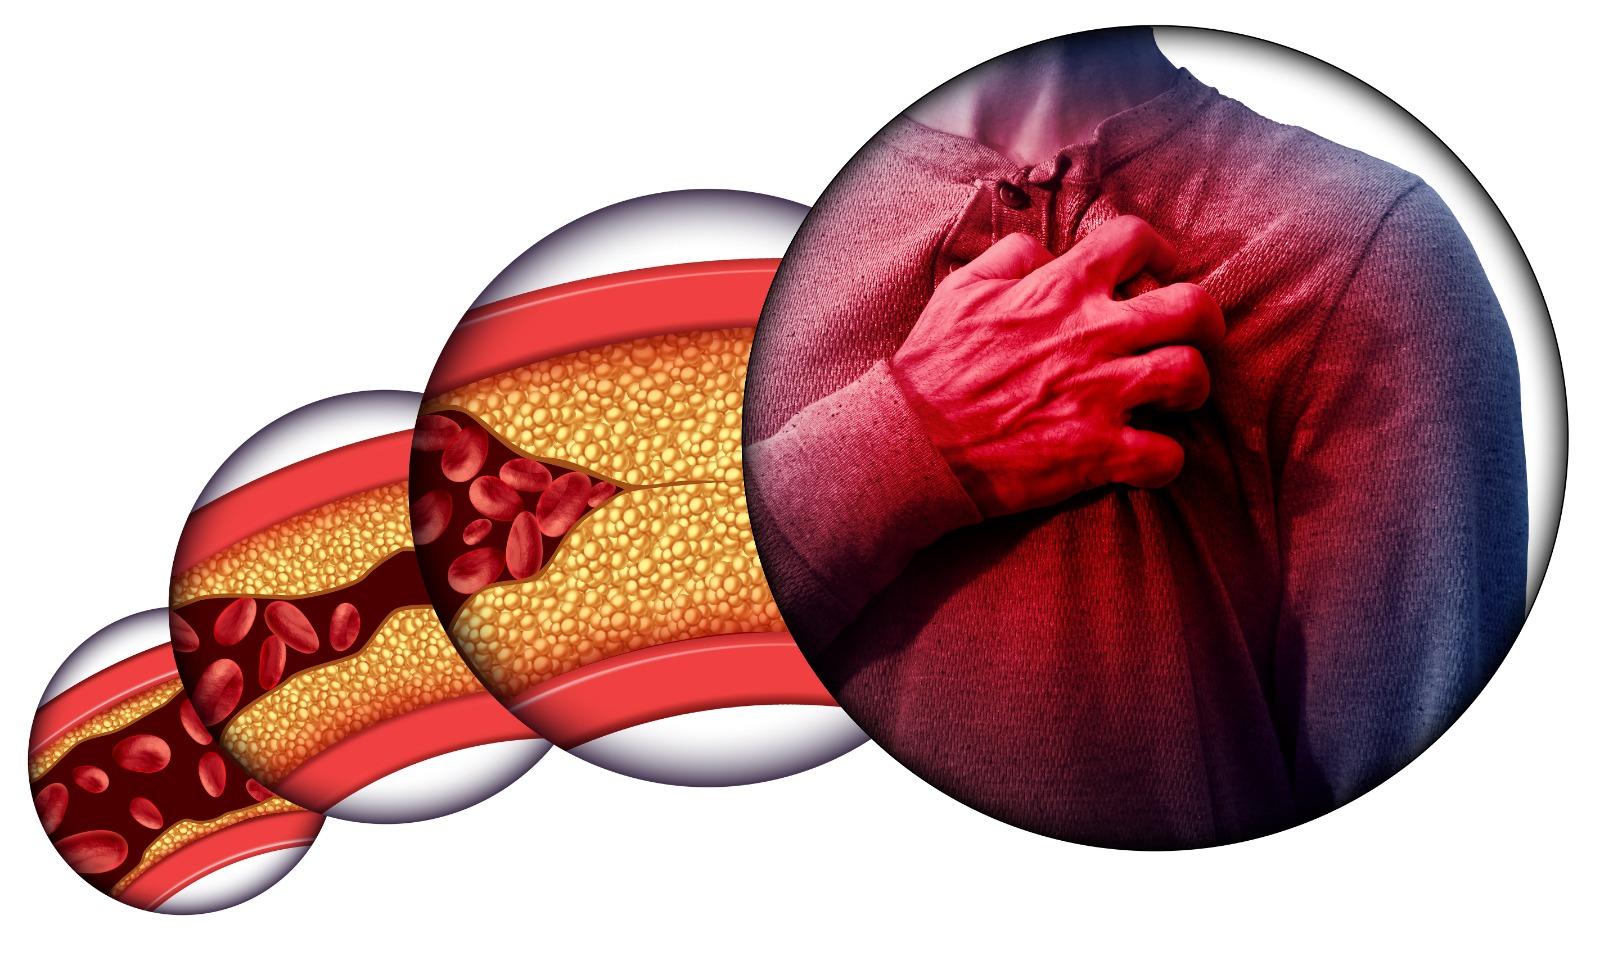 Не принимайте холестерин близко к сердцу